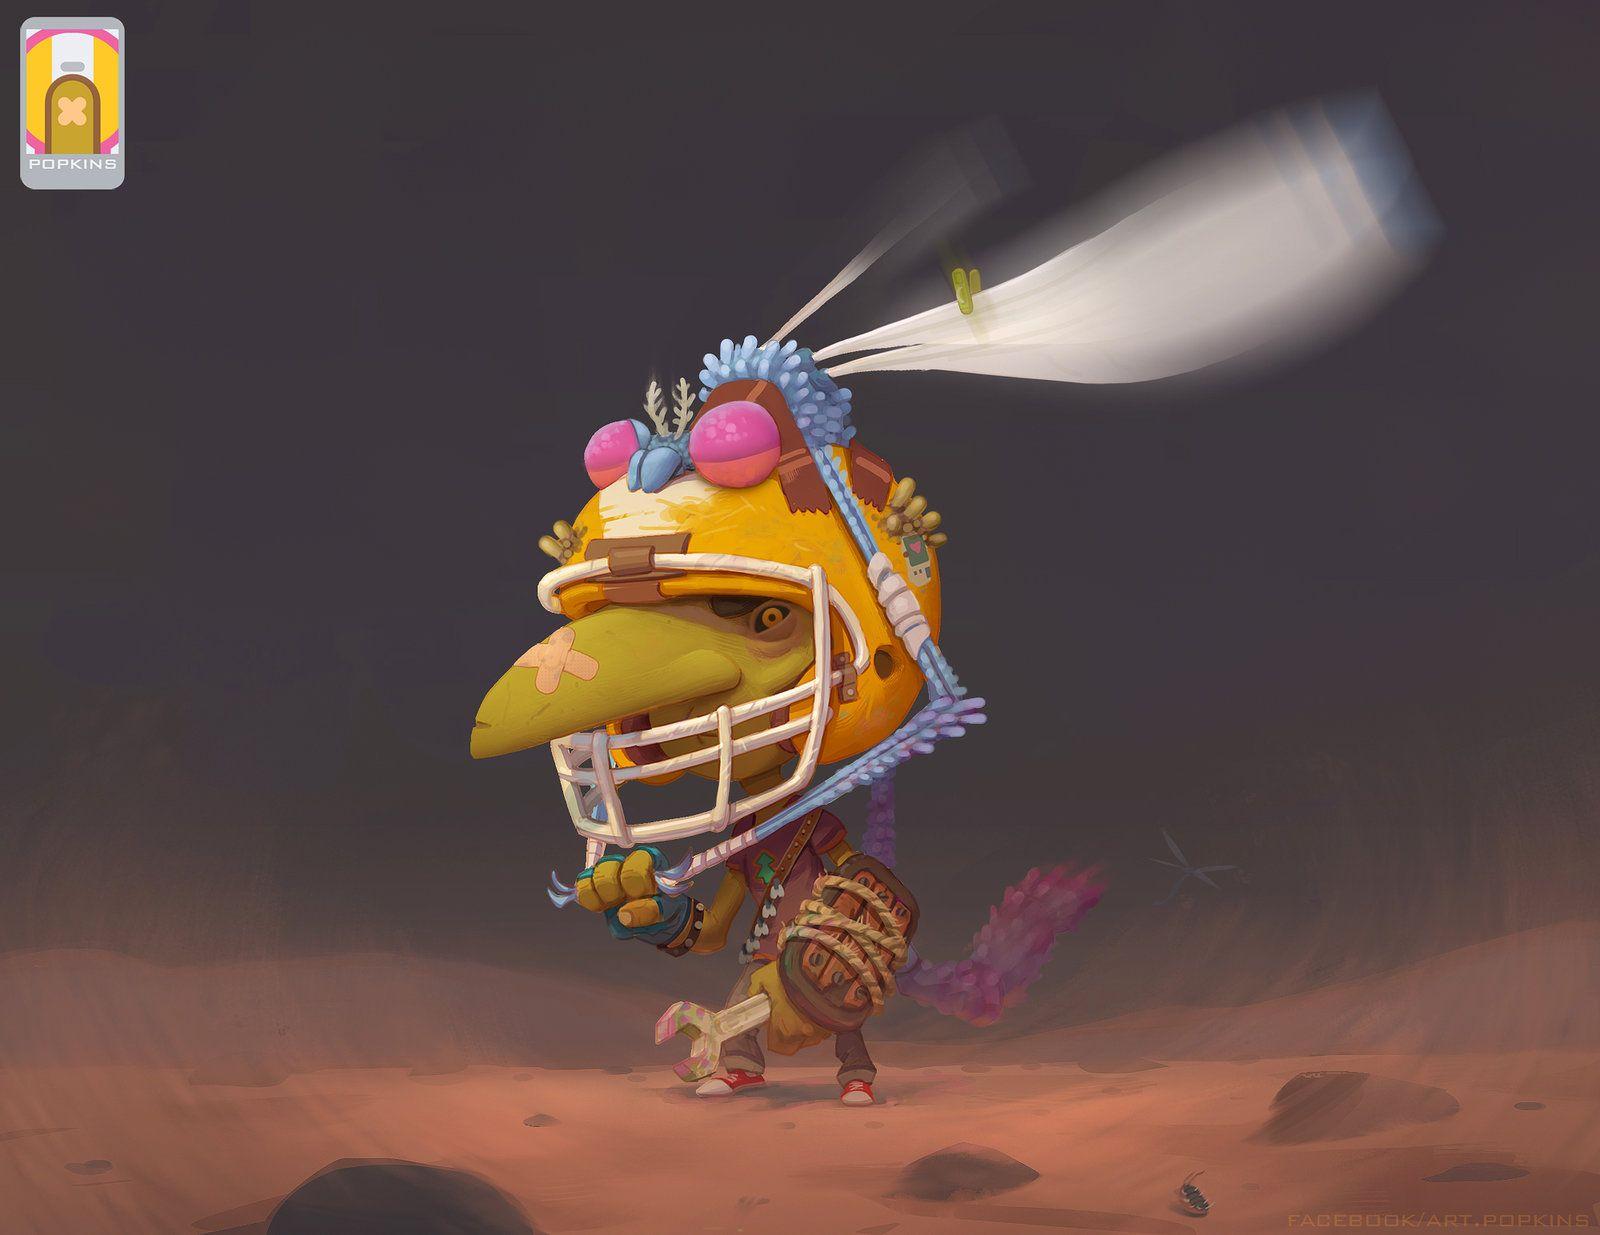 Fly Goblin, Artur Mukhametov on ArtStation at https://www.artstation.com/artwork/rJJxe